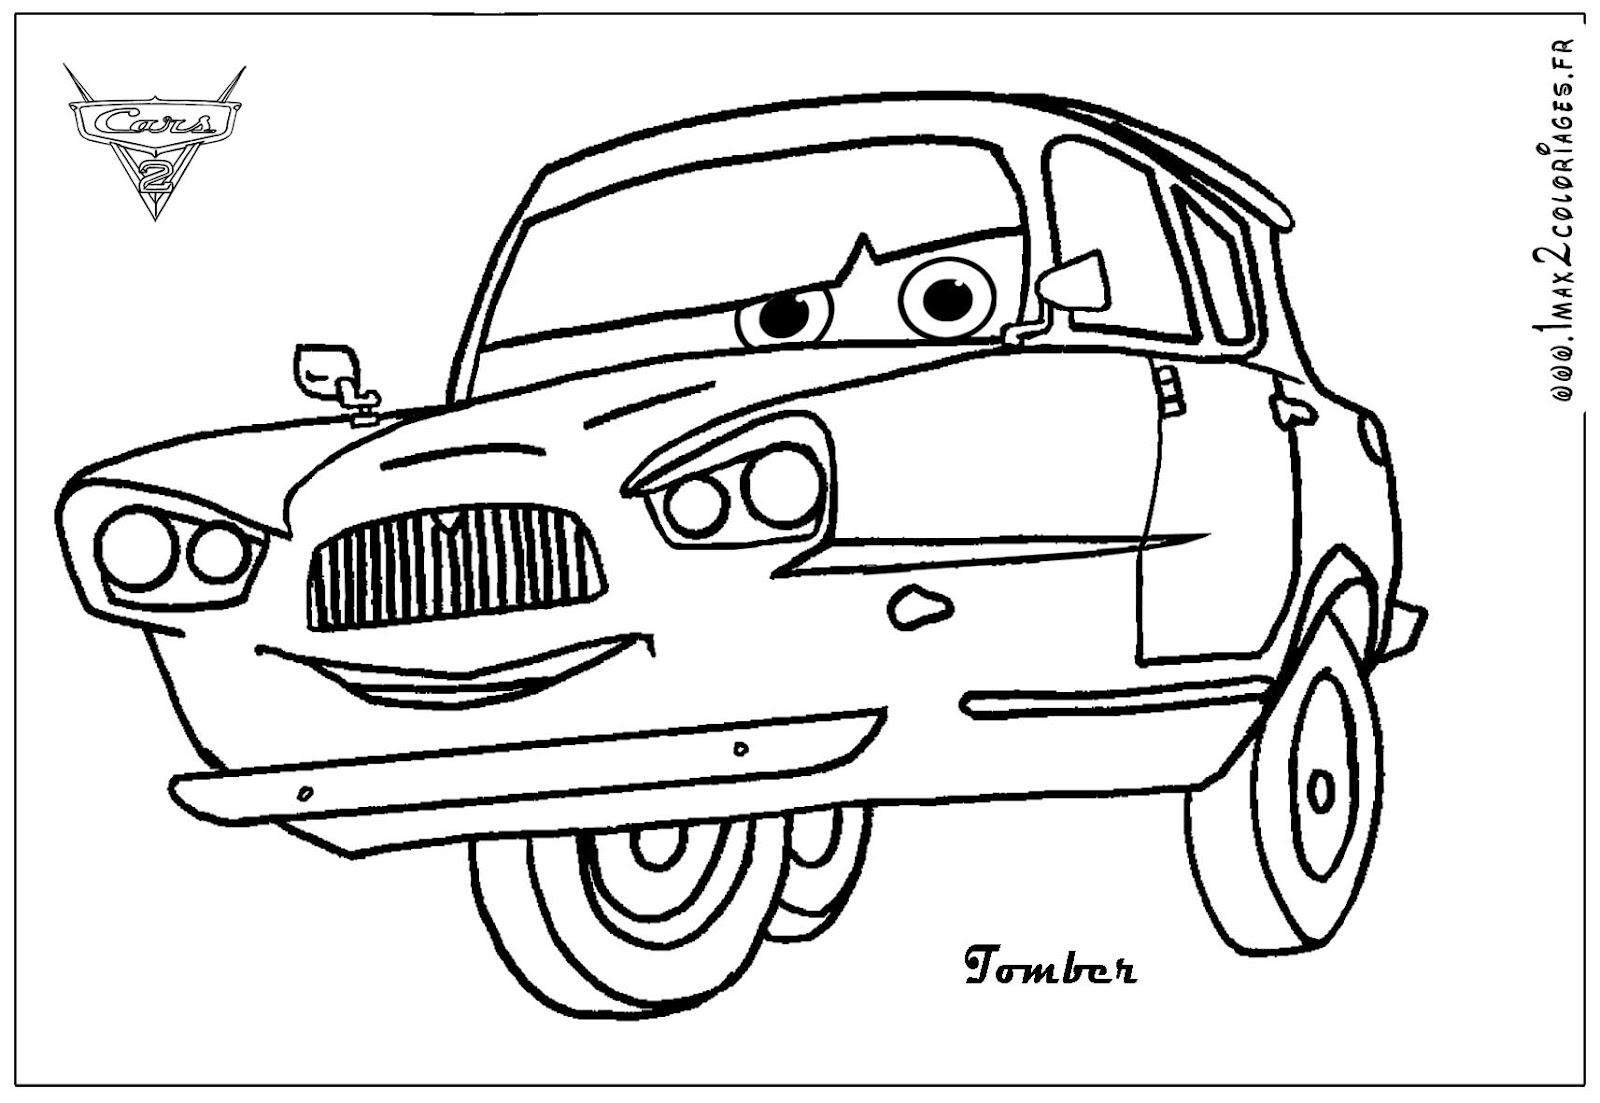 coloring pages from car movie | Desenho de Carros Para Colorir ~ Imagens Para Colorir